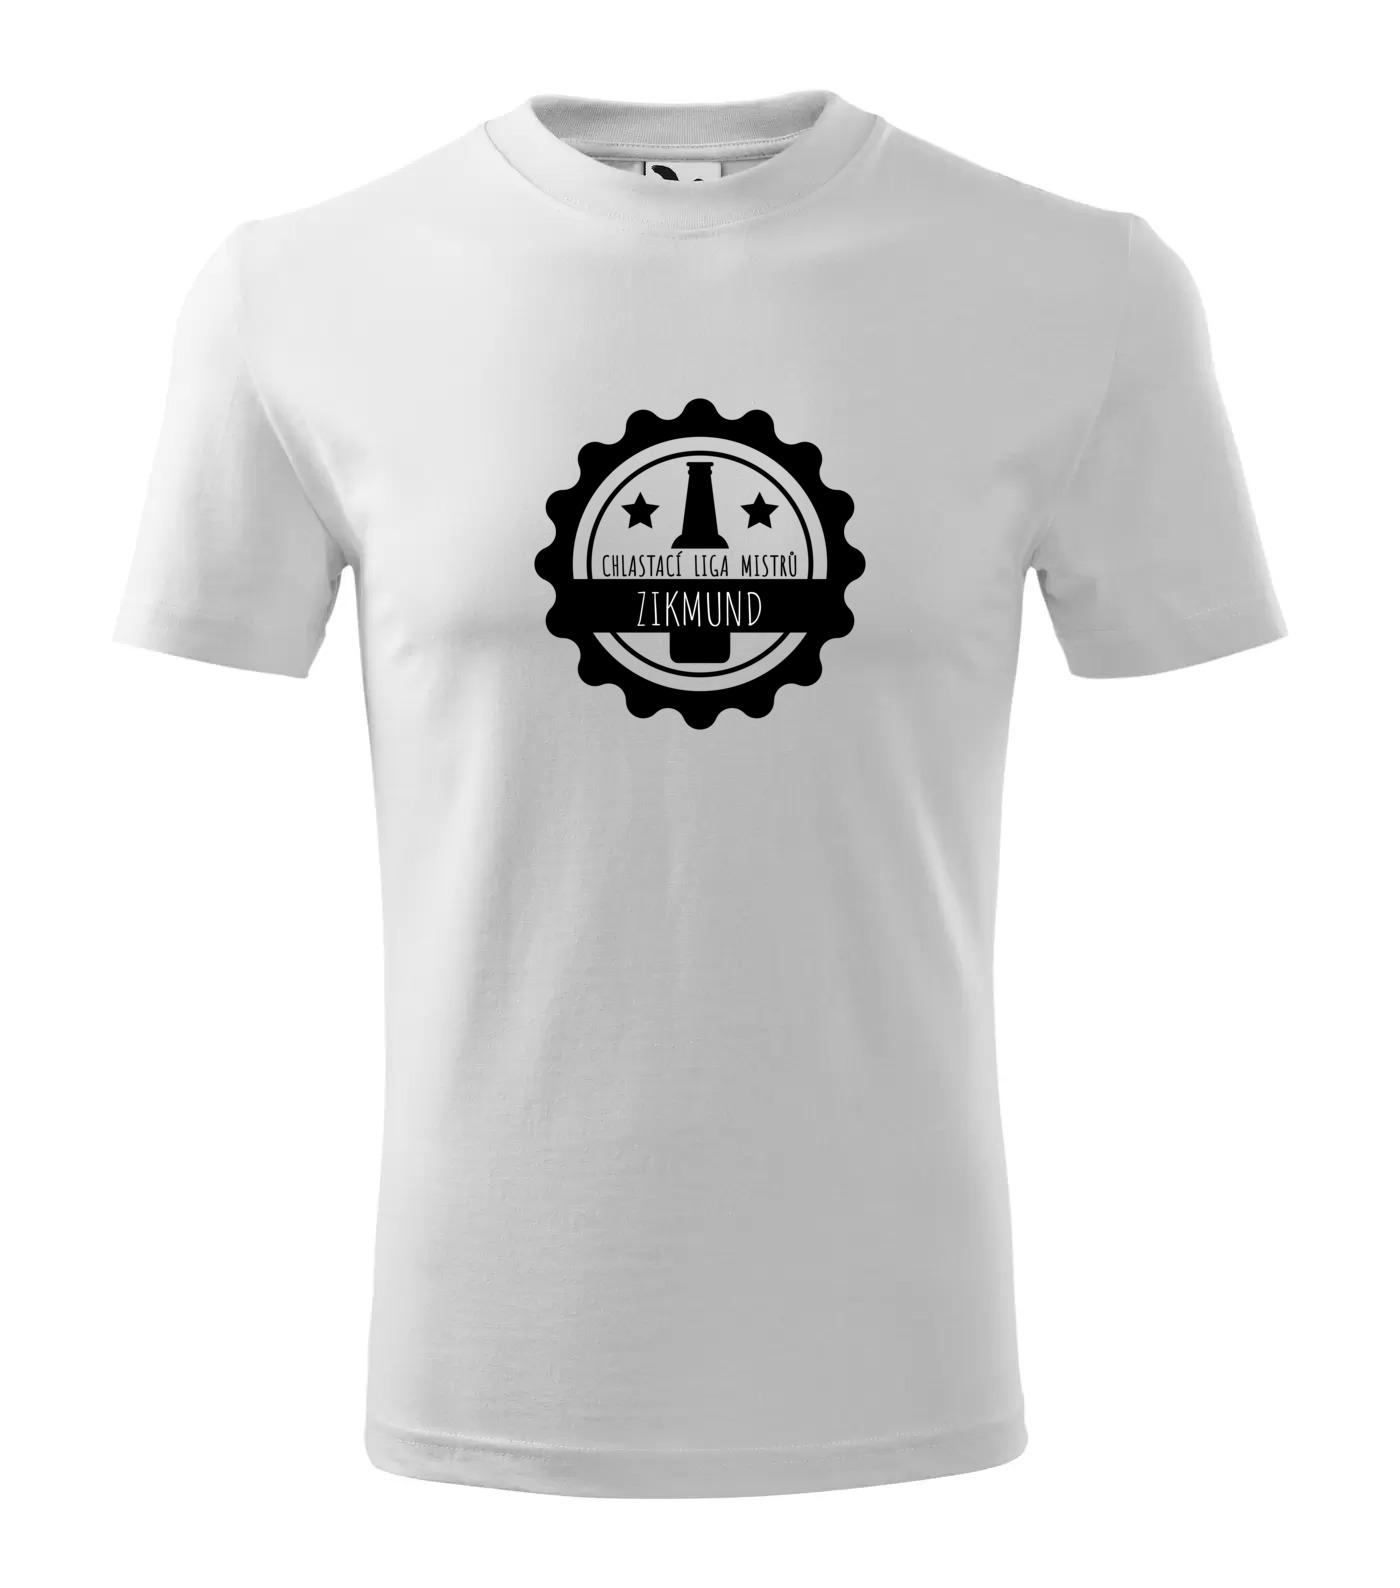 Tričko Chlastací liga mužů Zikmund